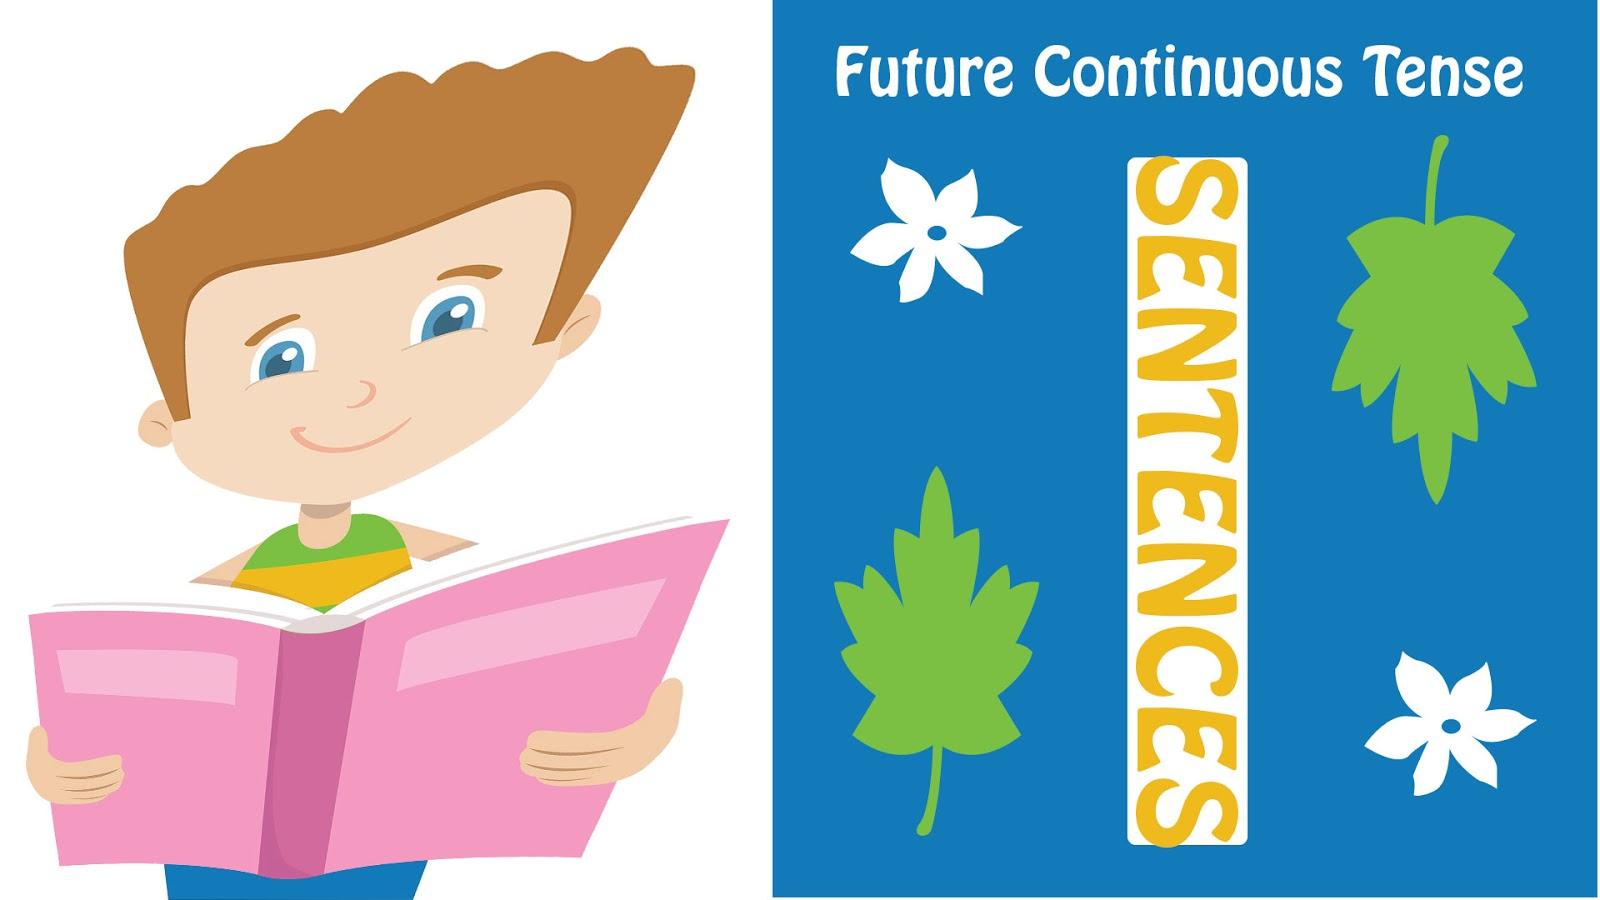 future continuous tense sentences image